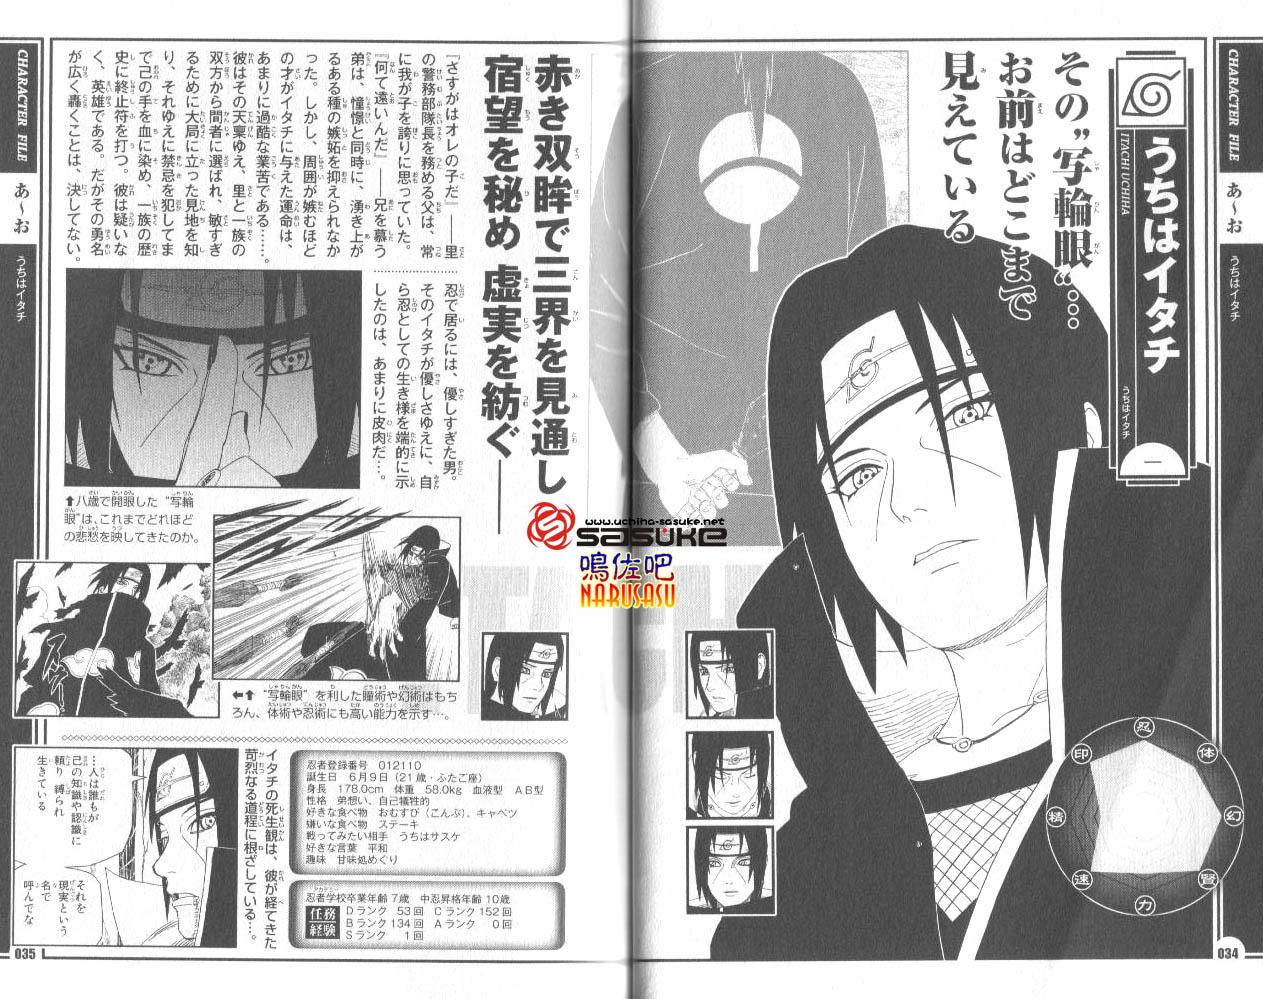 日本【者之書】火影人物排名【火影忍者吧】_百度貼吧圖片